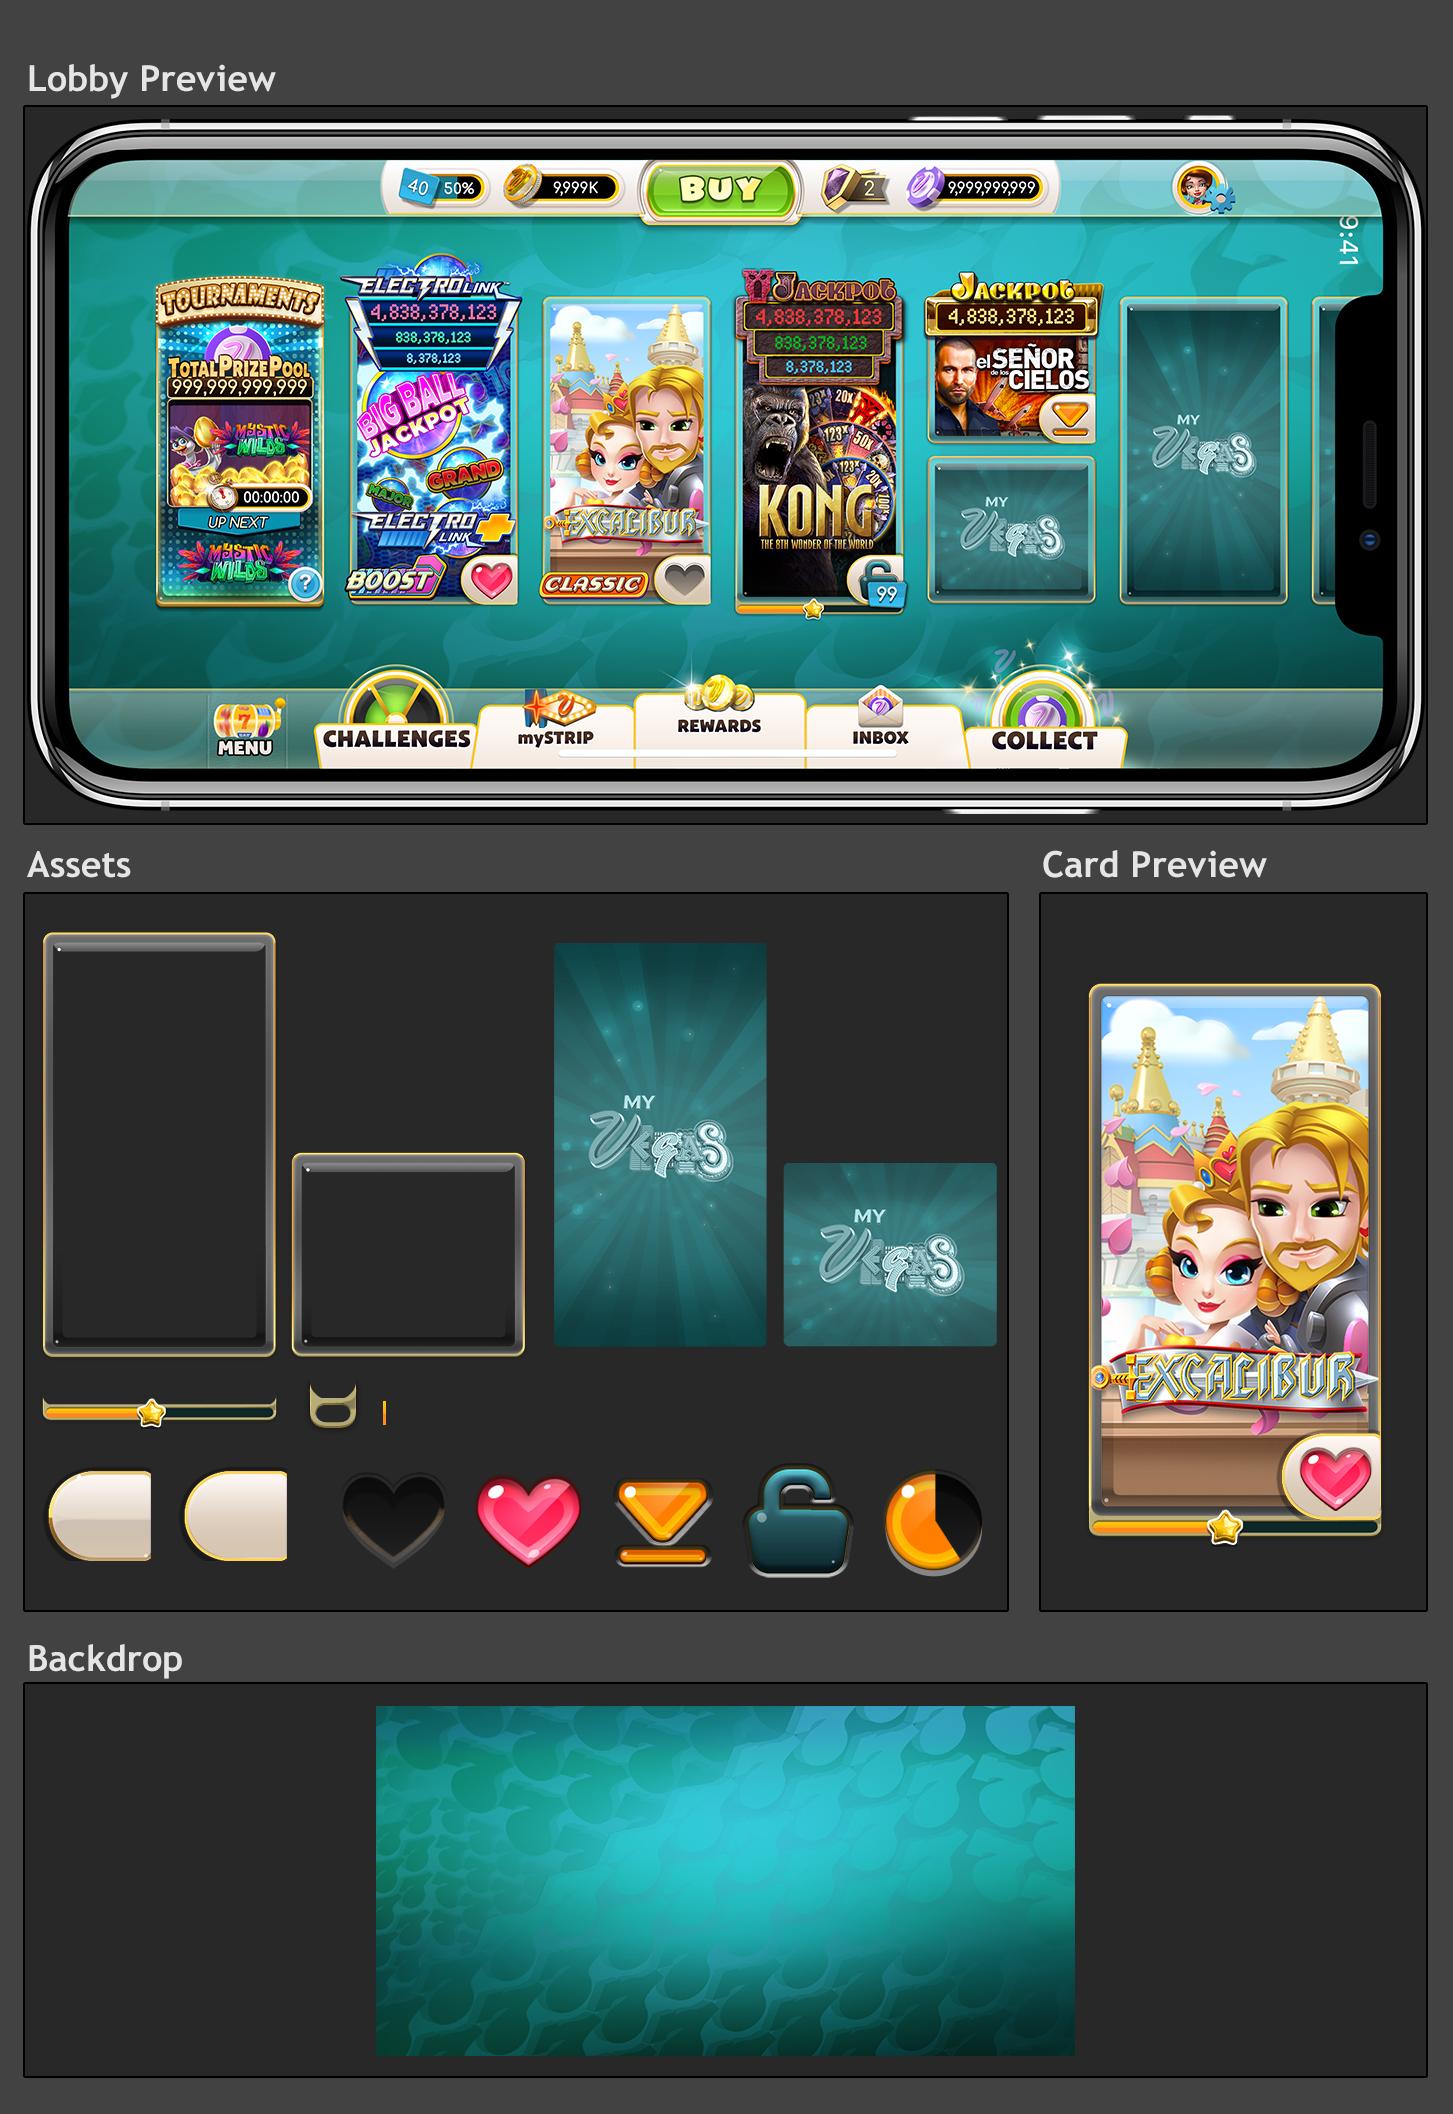 MVM_APP_Lobby_Slots_Display.jpg